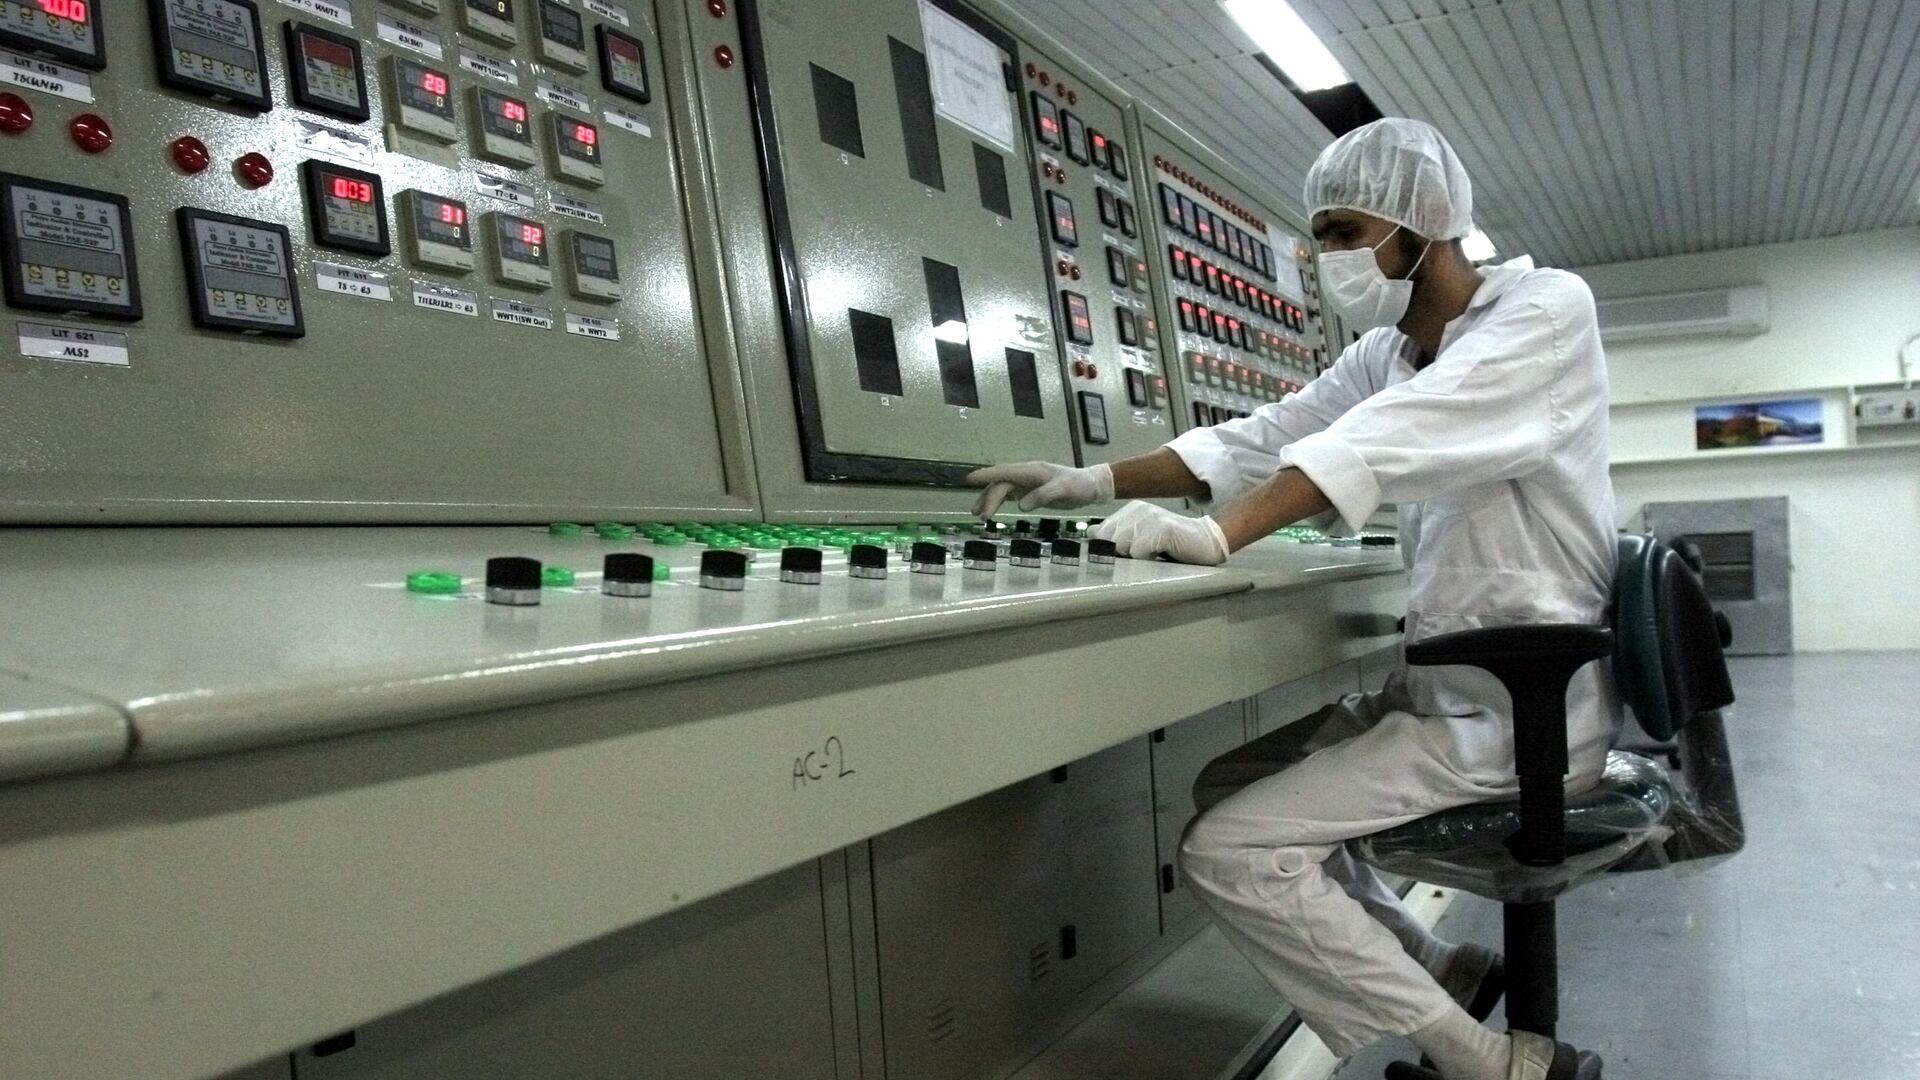 Иранский техник работает на предприятии по переработке урана - РИА Новости, 1920, 17.03.2021